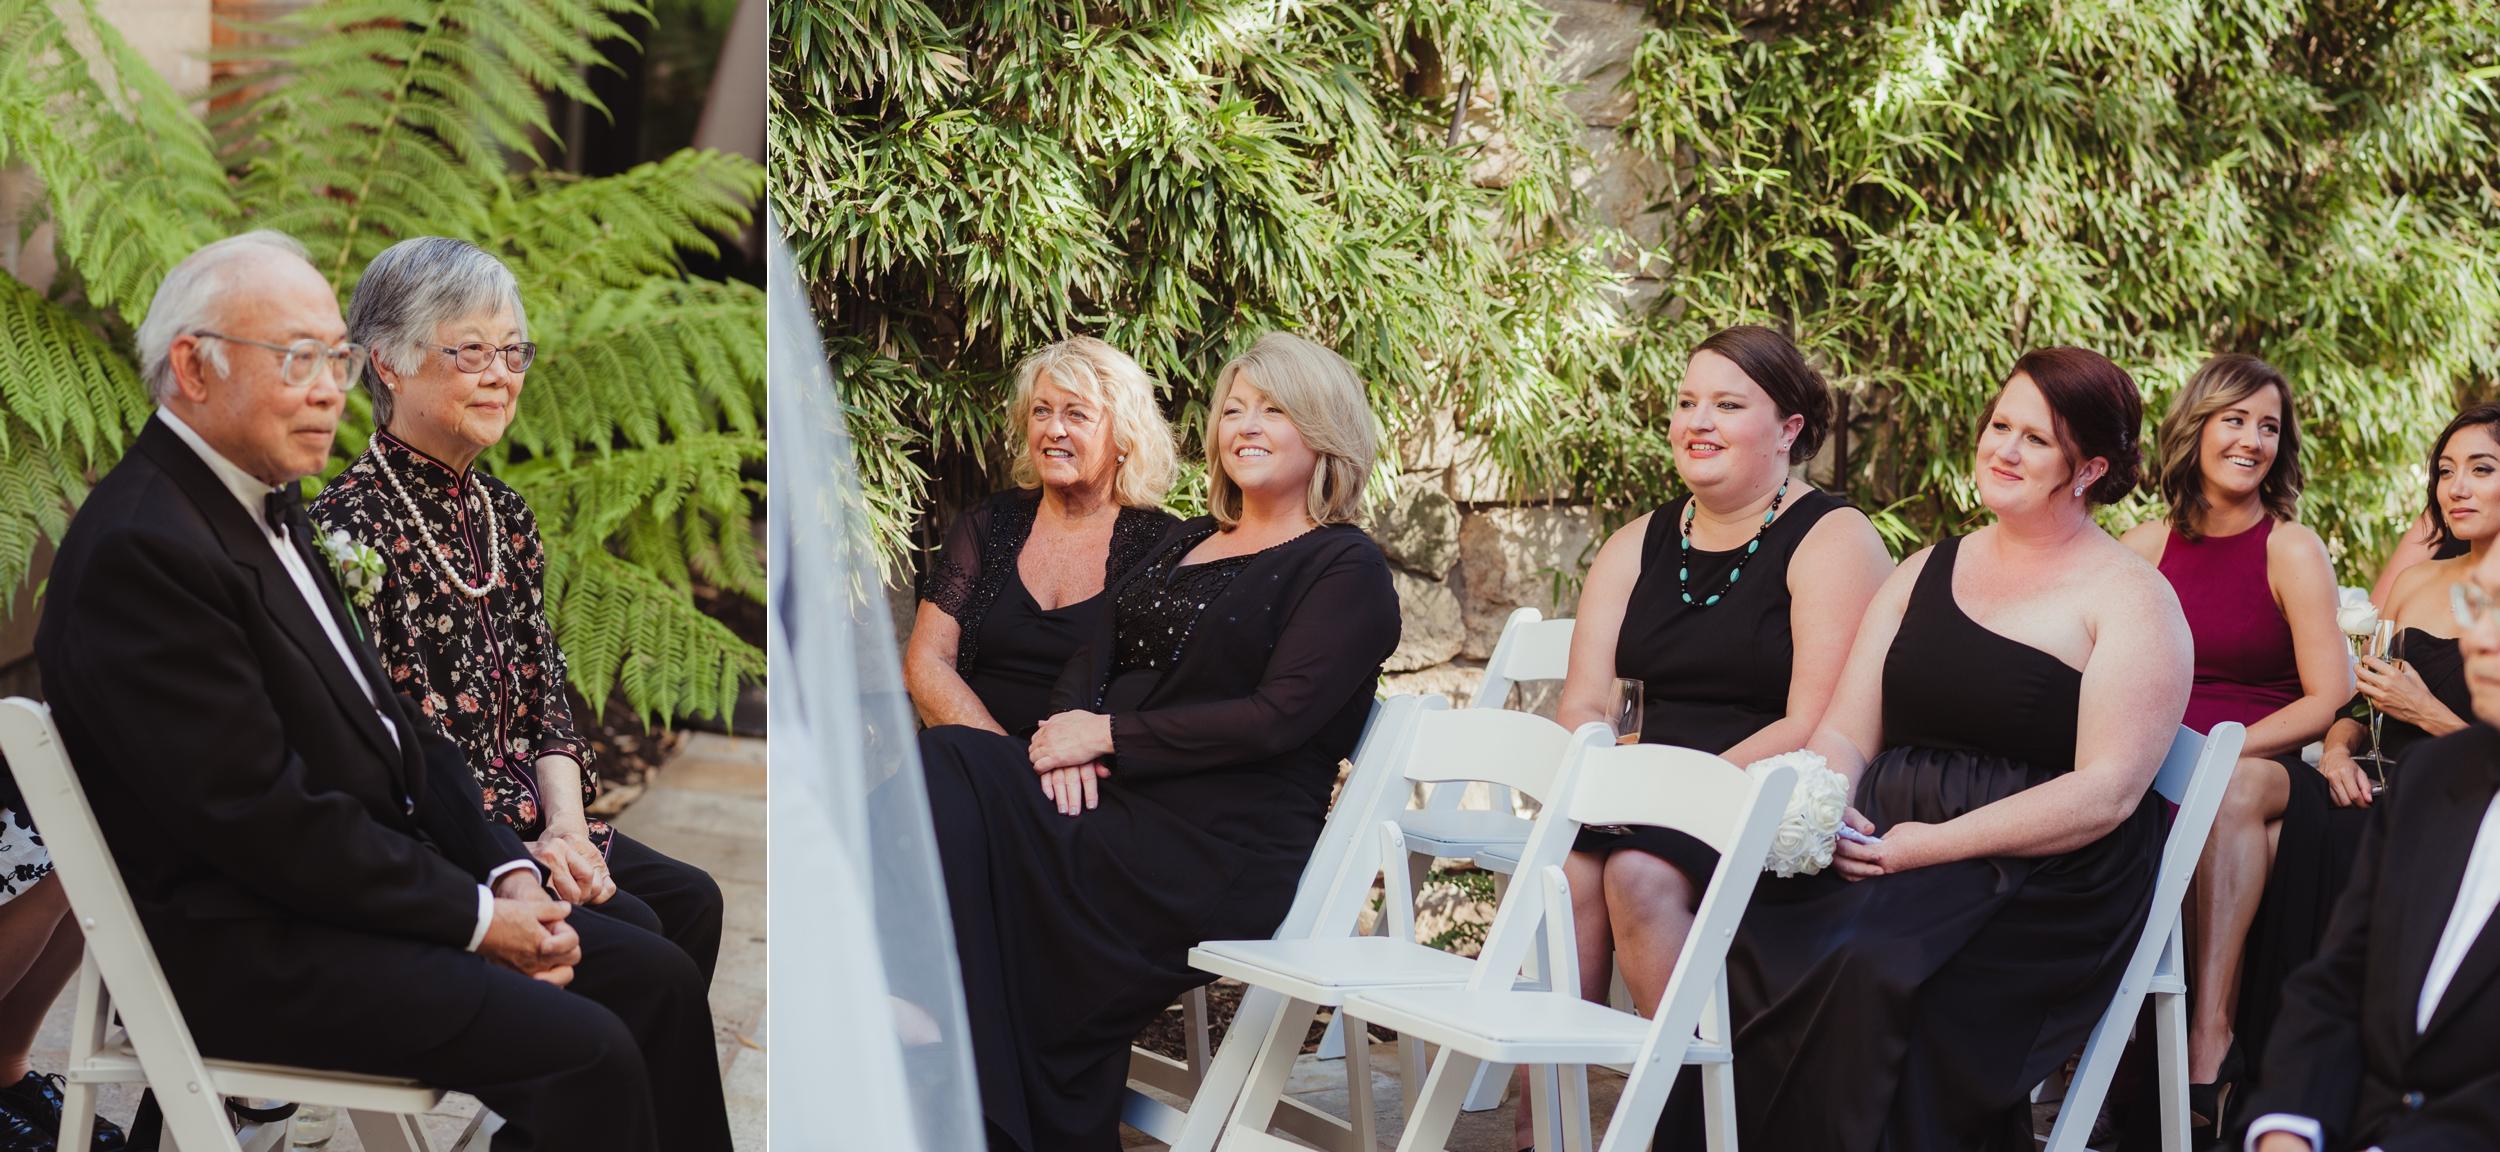 22-bardessono-yountville-napa-wedding-vivianchen-206_WEB.jpg